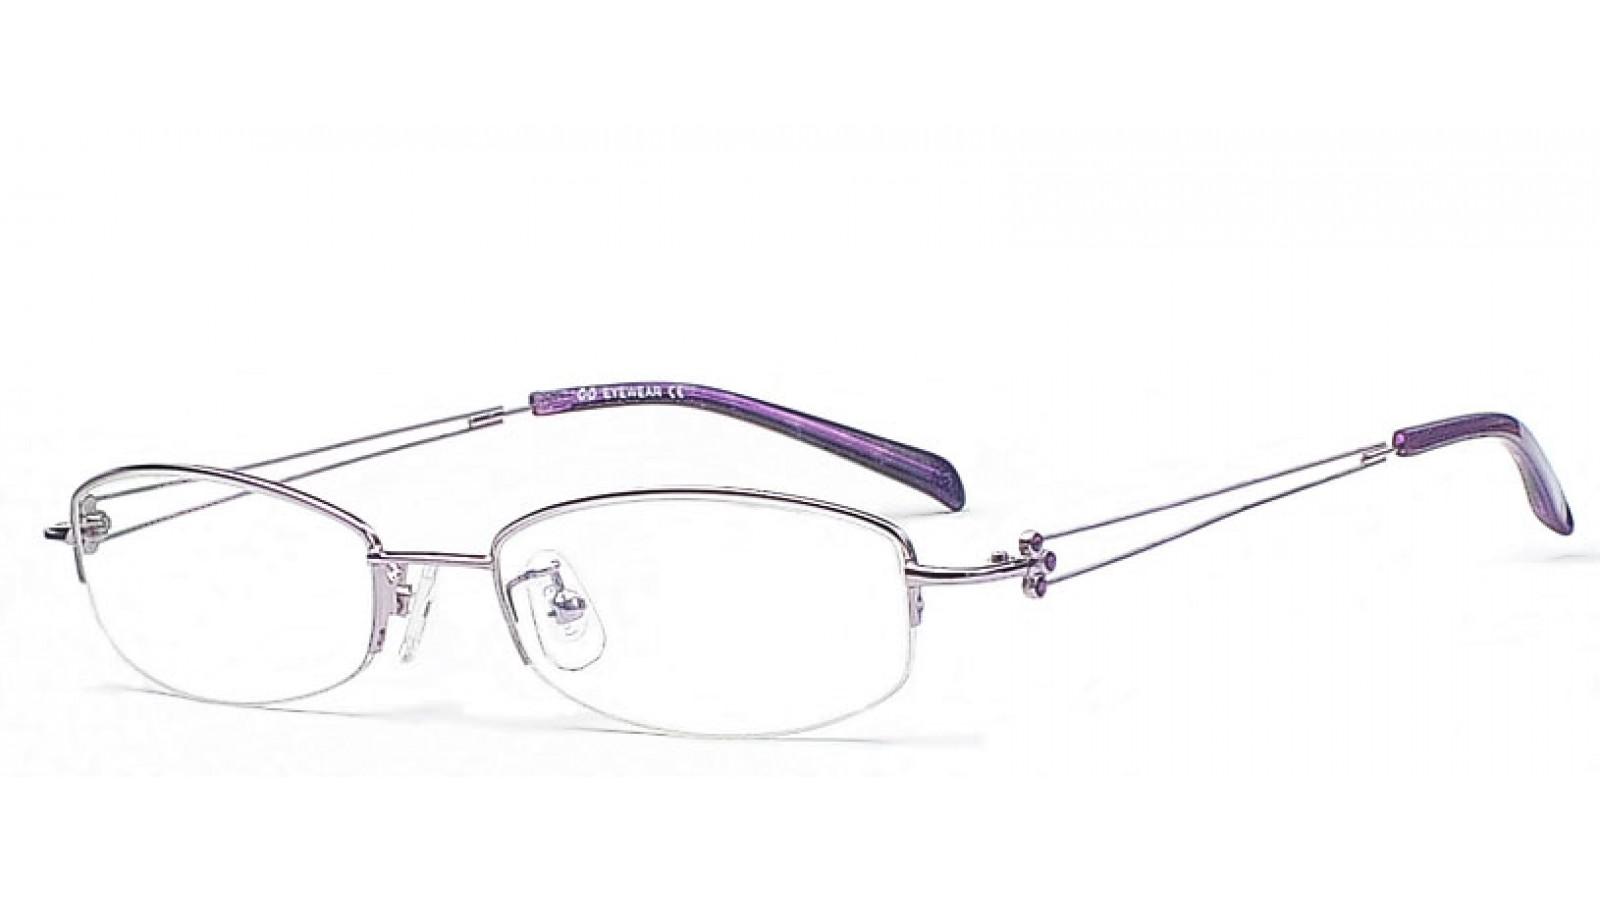 Ovale Brillen bei my-Spexx.de - Brillenfassungen Oval